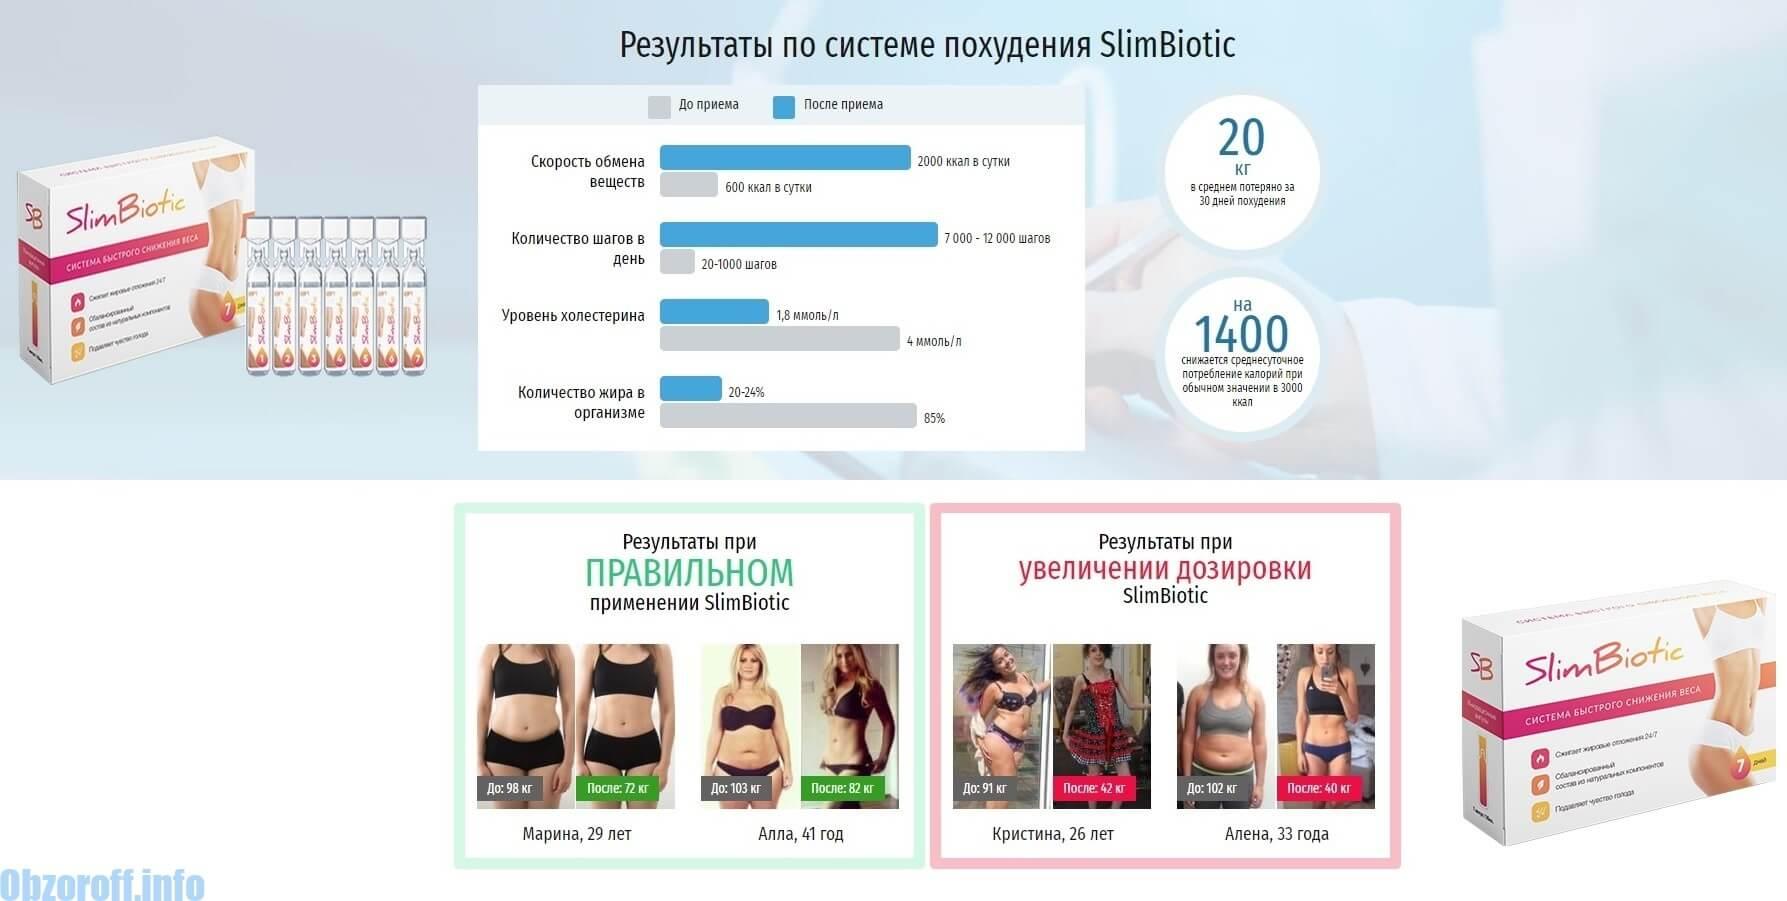 fizică 57 rezultate de pierdere în greutate